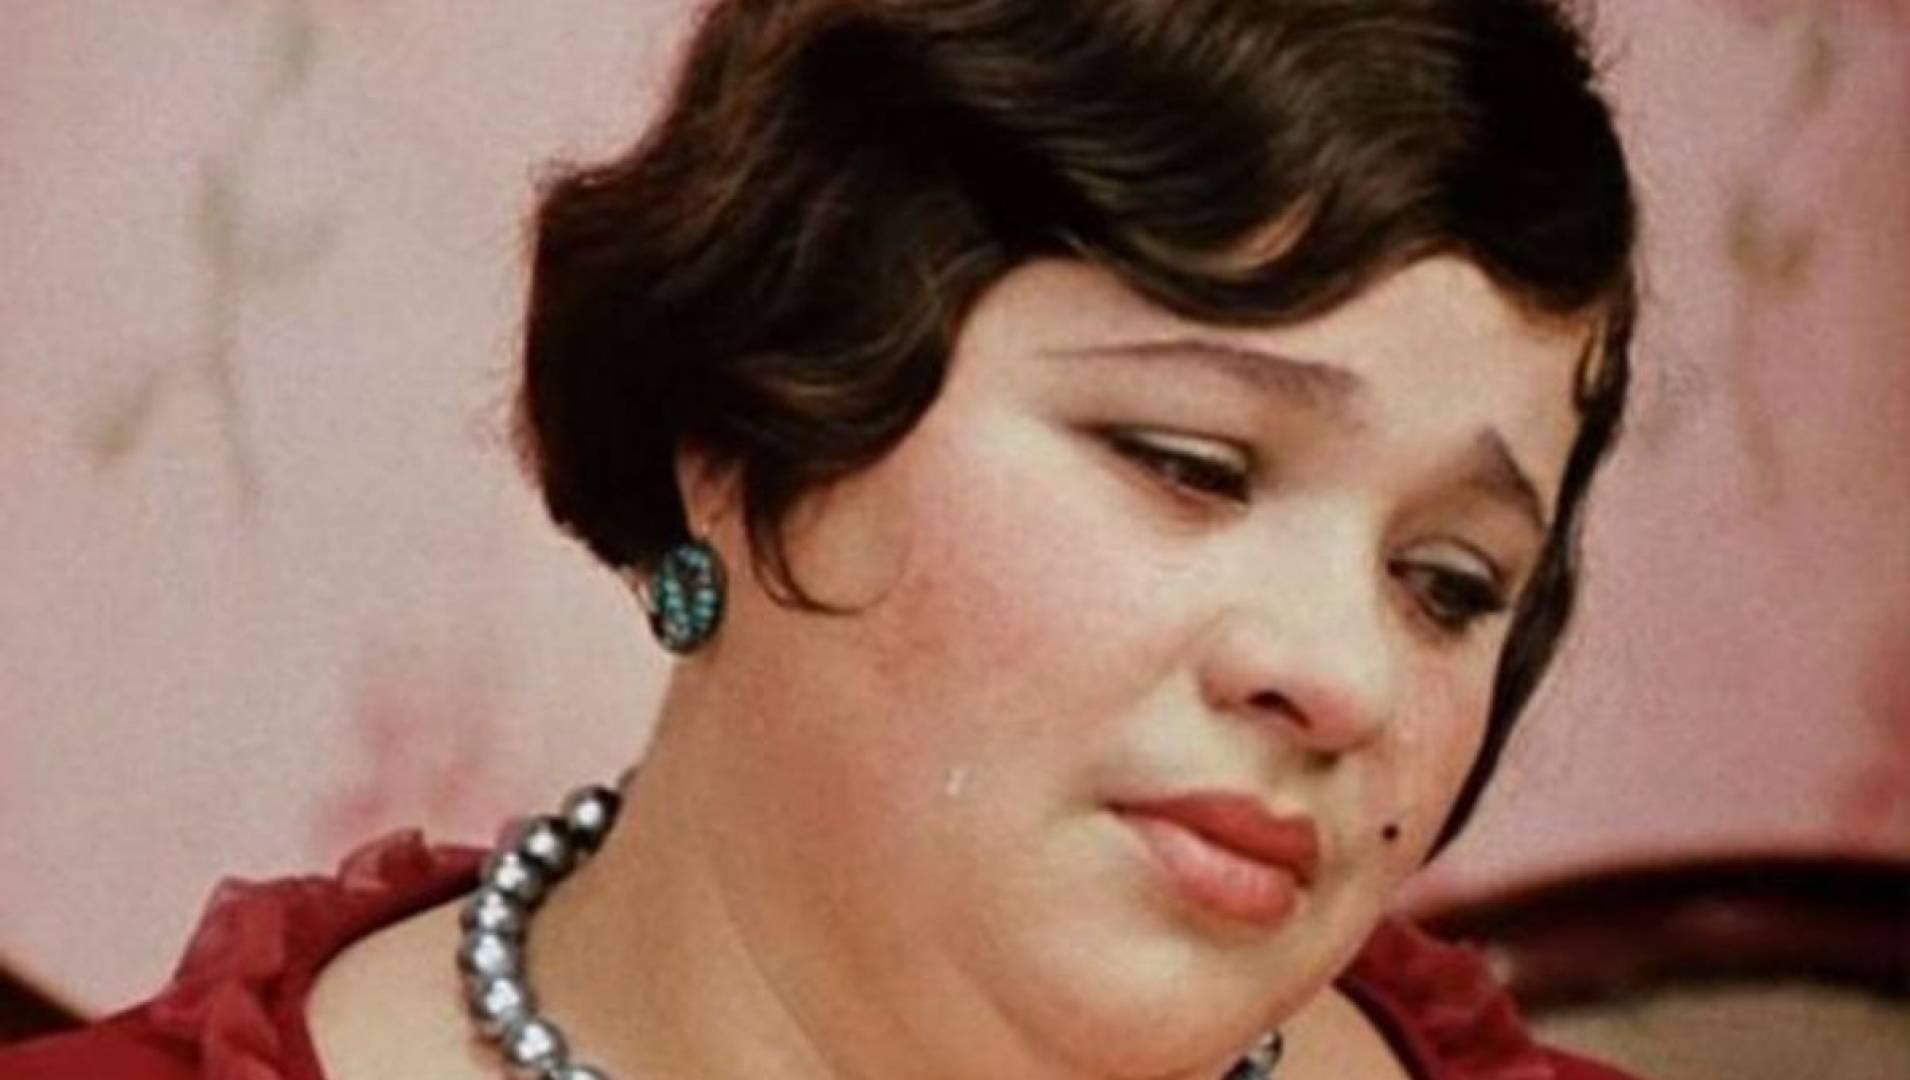 Наталья Крачковская. Знойная женщина, мечта поэта - Документальный фильм